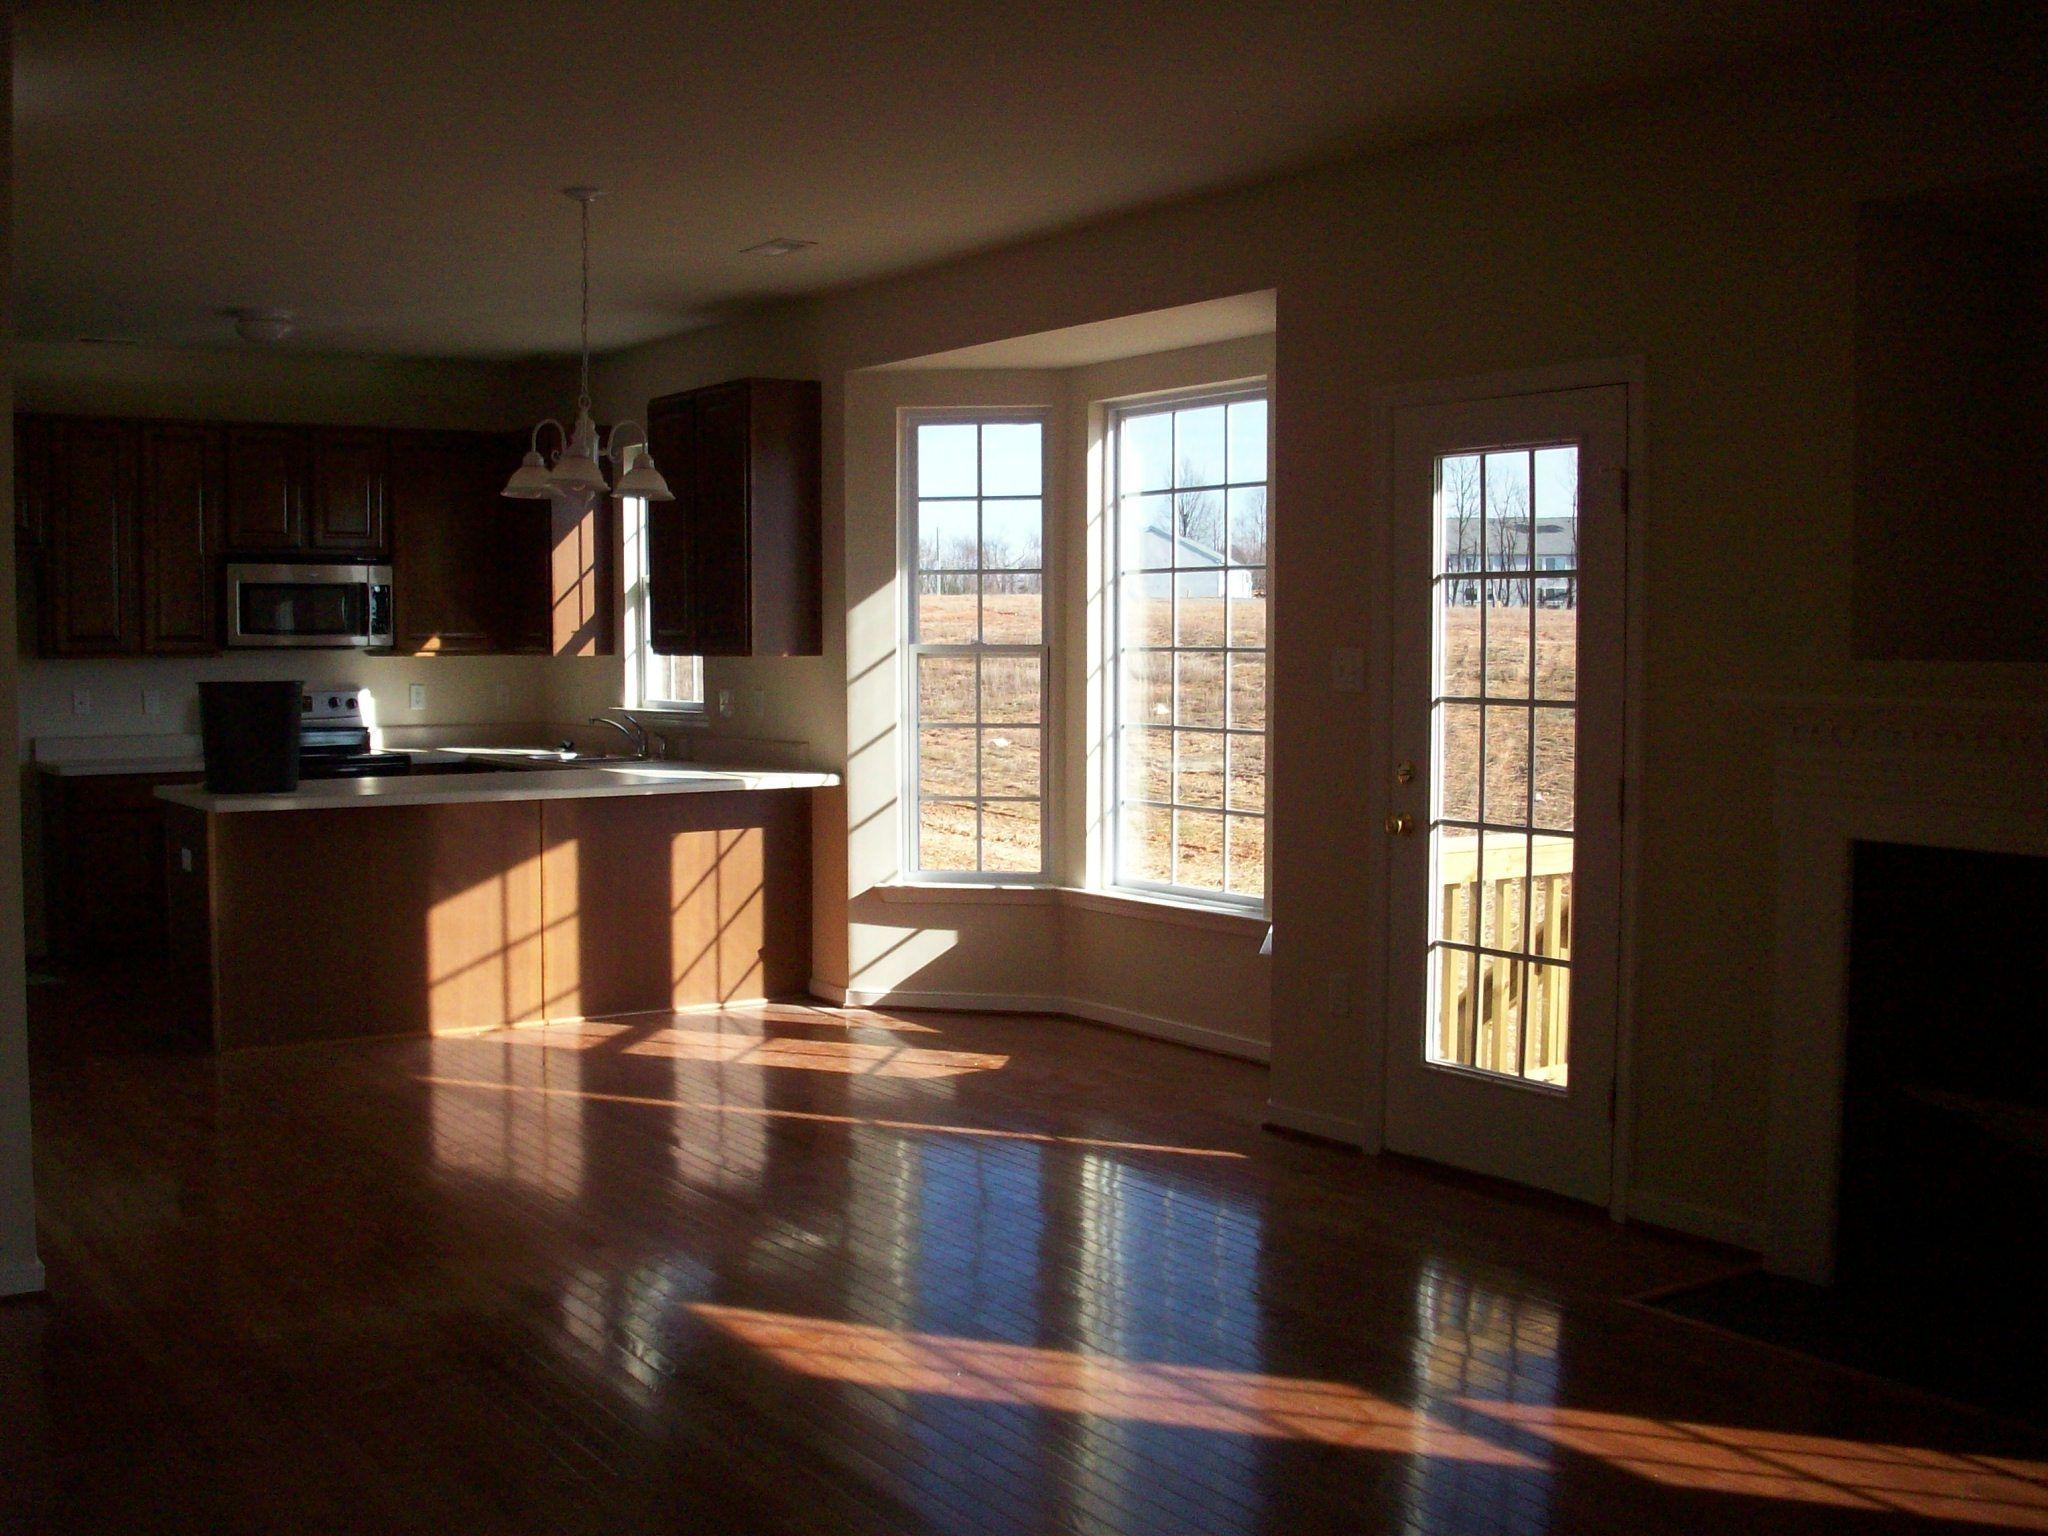 Kitchen featured in The Buckingham 28 Gar 2 By Lockridge Homes in Greenville-Spartanburg, SC